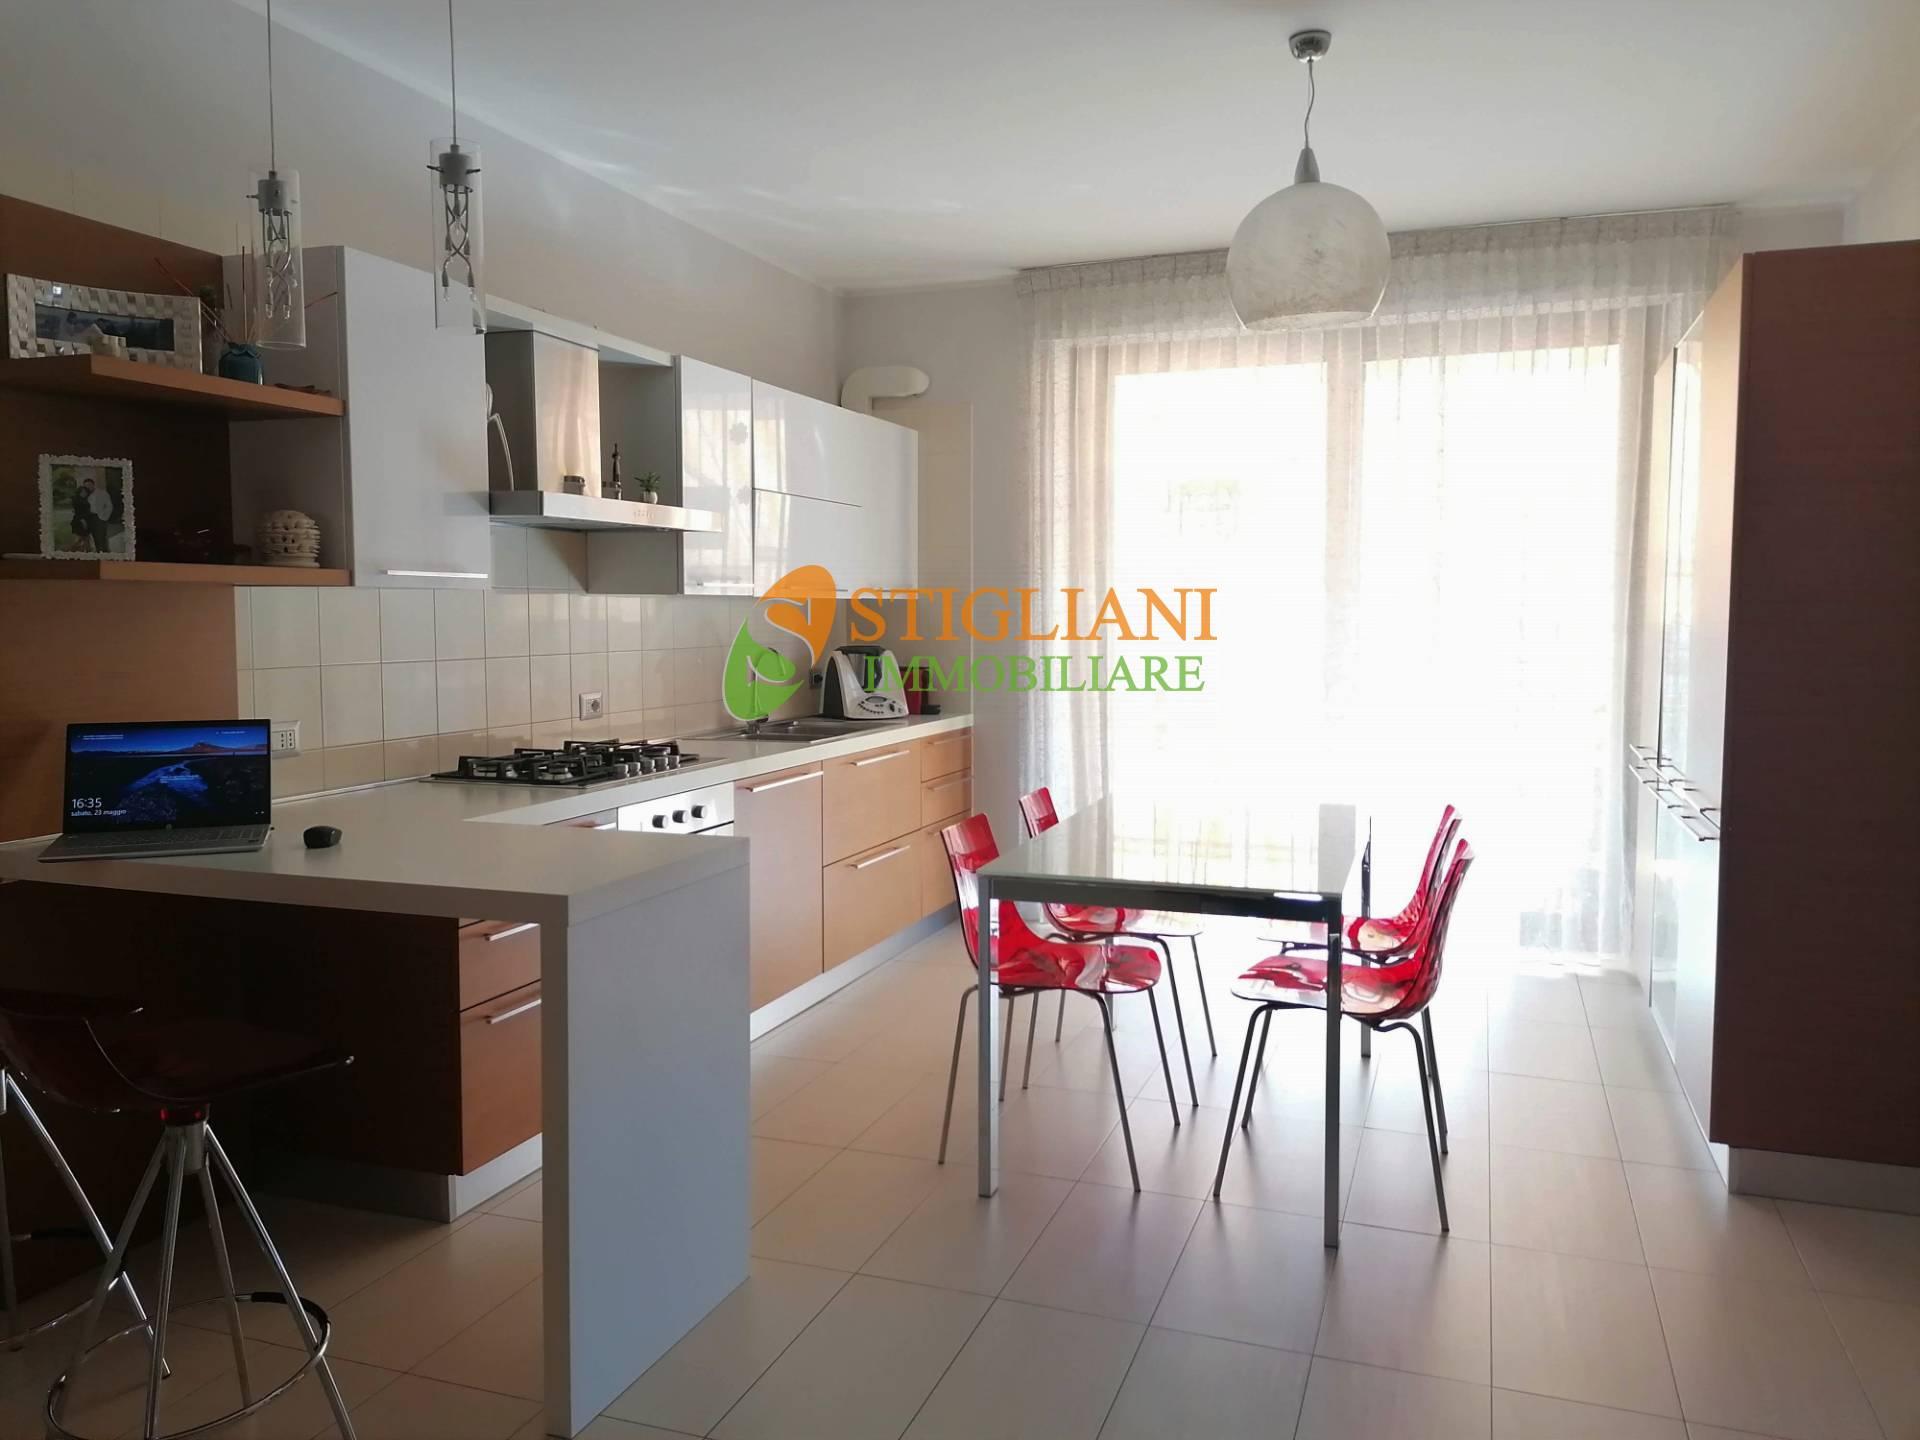 Appartamento in vendita a Mirabello Sannitico, 3 locali, zona Località: VialePadrePio, prezzo € 100.000 | CambioCasa.it